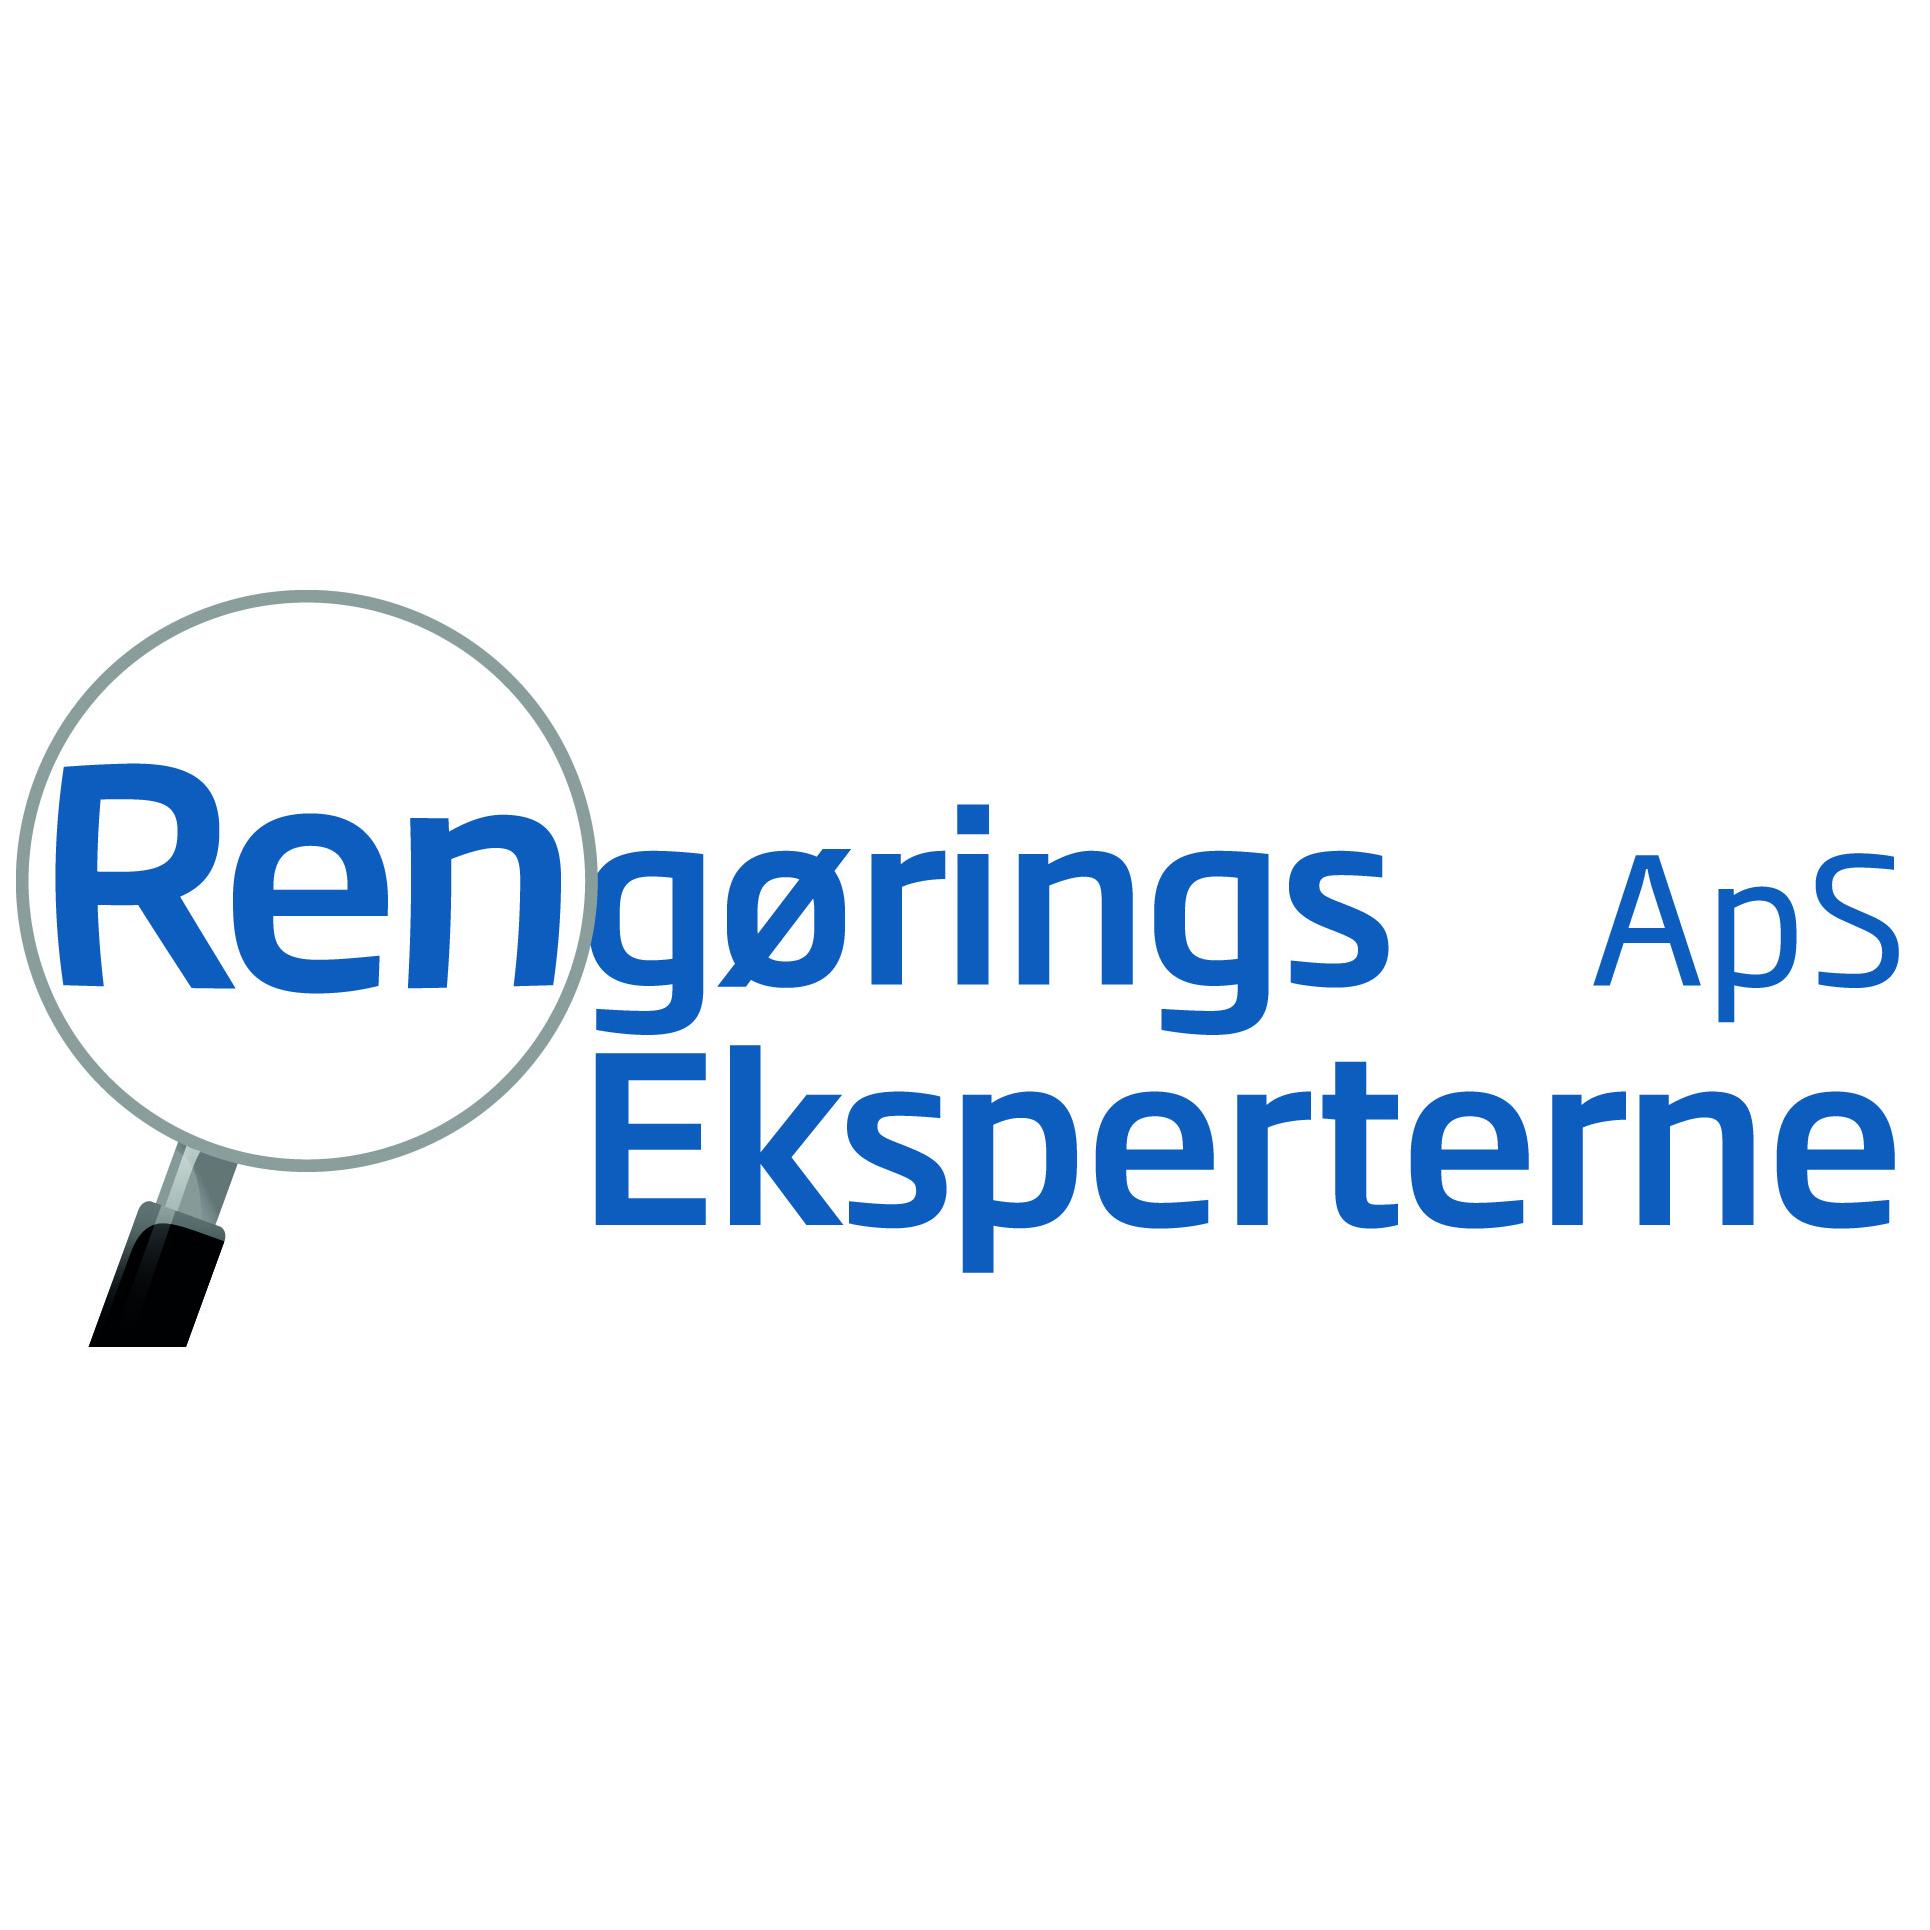 Rengorings_aps_logo_besk